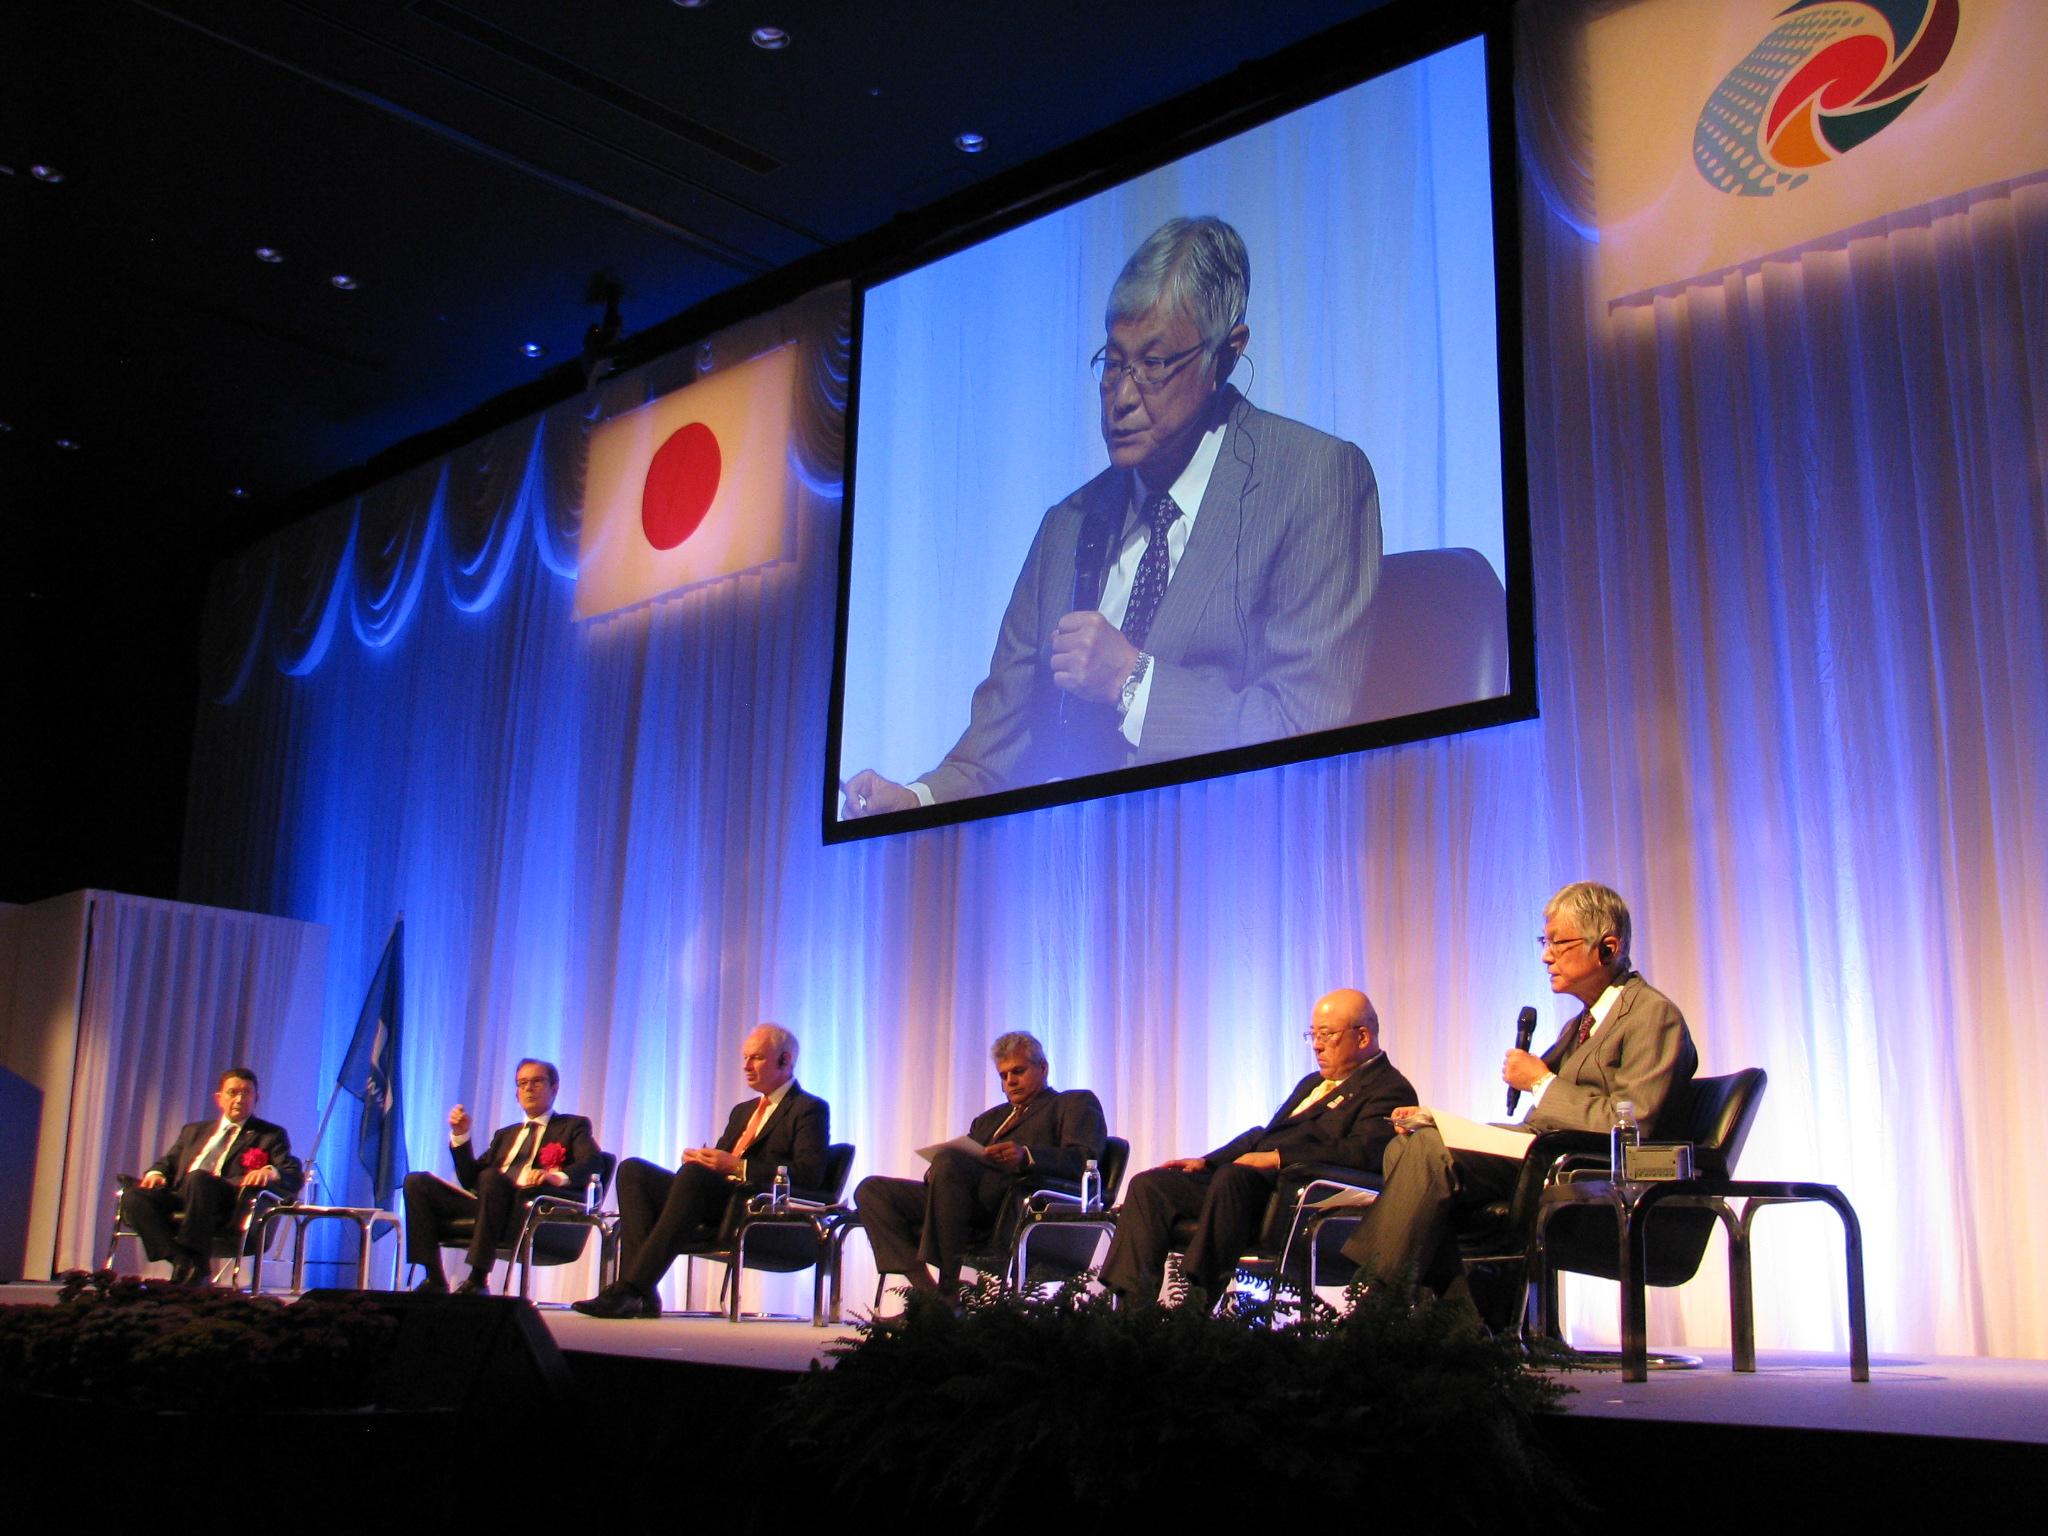 日本の観光産業でカギを握るのは「DMO」、世界の知見が集積した観光フォーラムで語られたこととは?